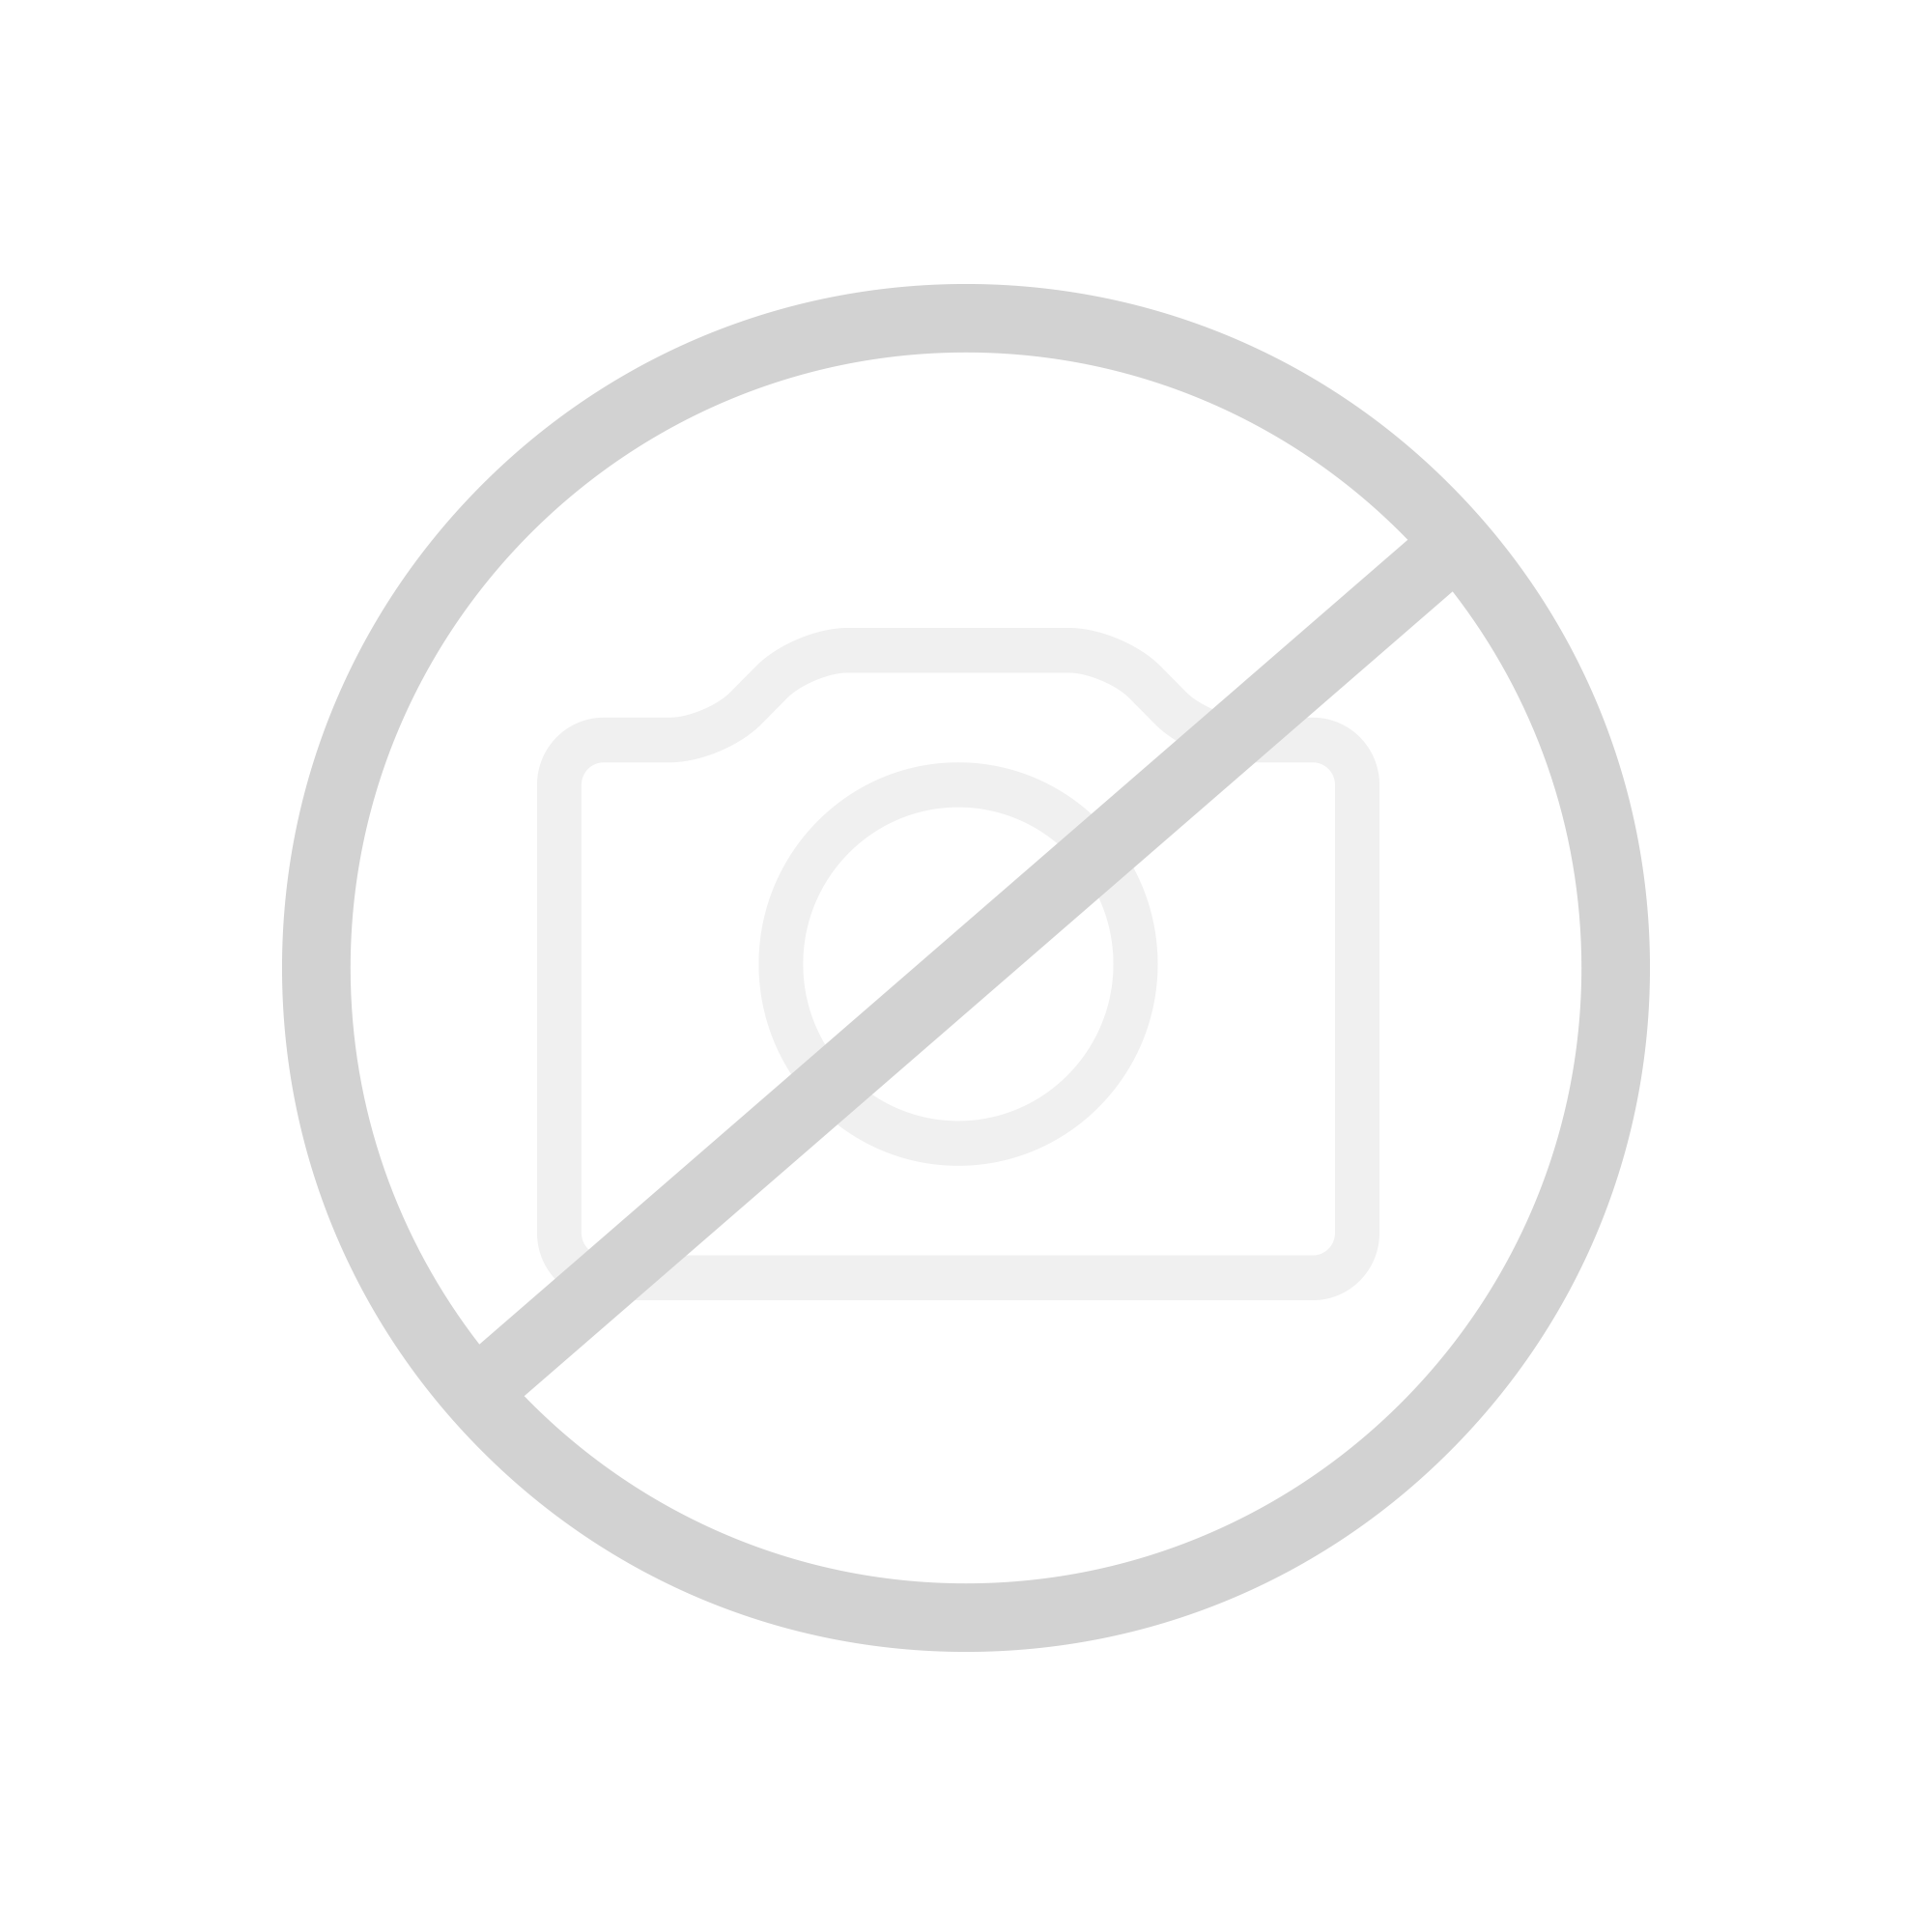 Flos GLO-BALL Deckenleuchte / Wandleuchte